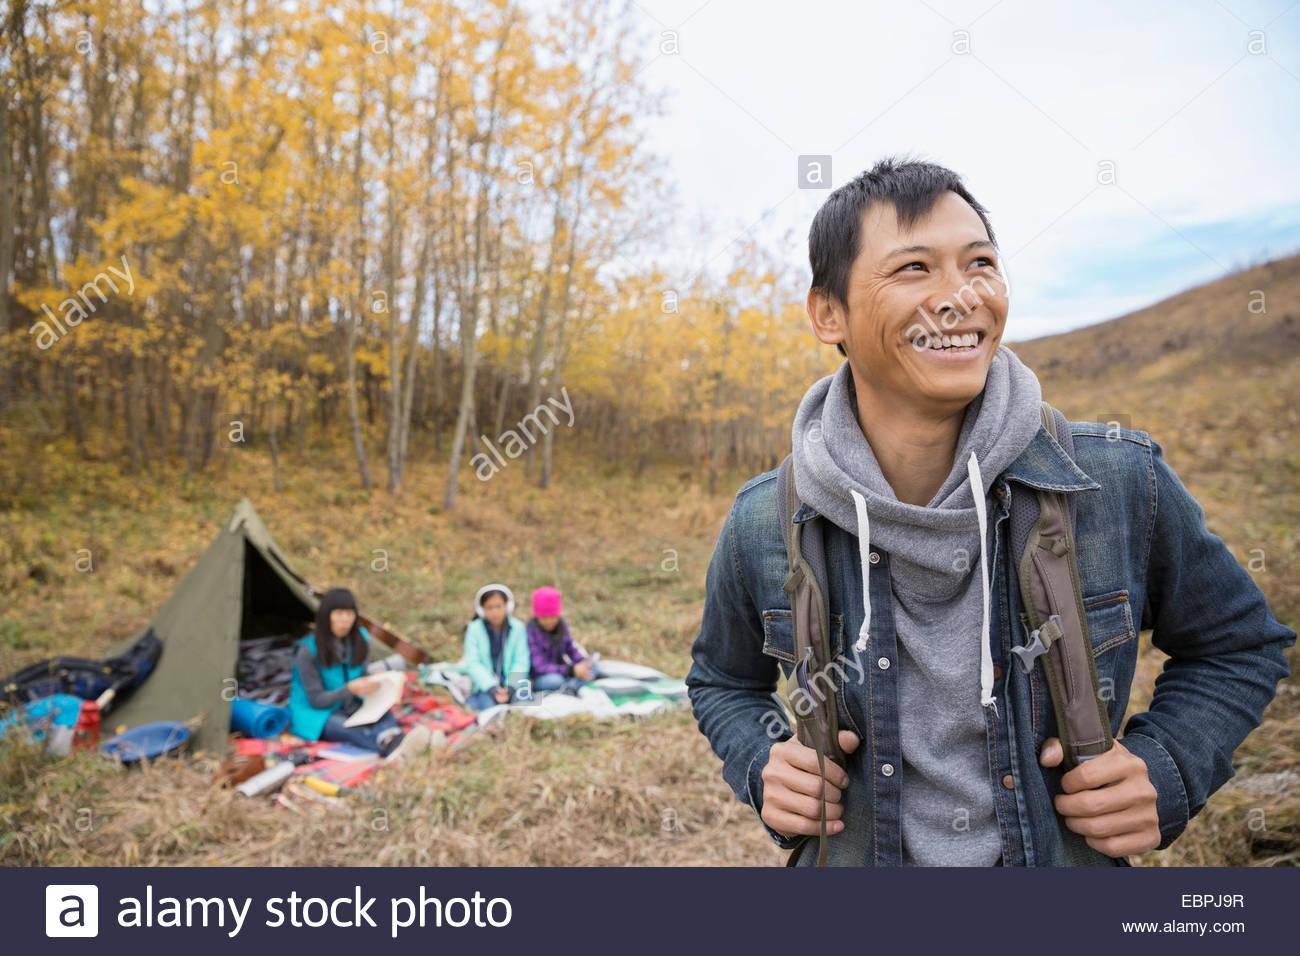 Lächelnder Mann mit Familie camping Stockfoto